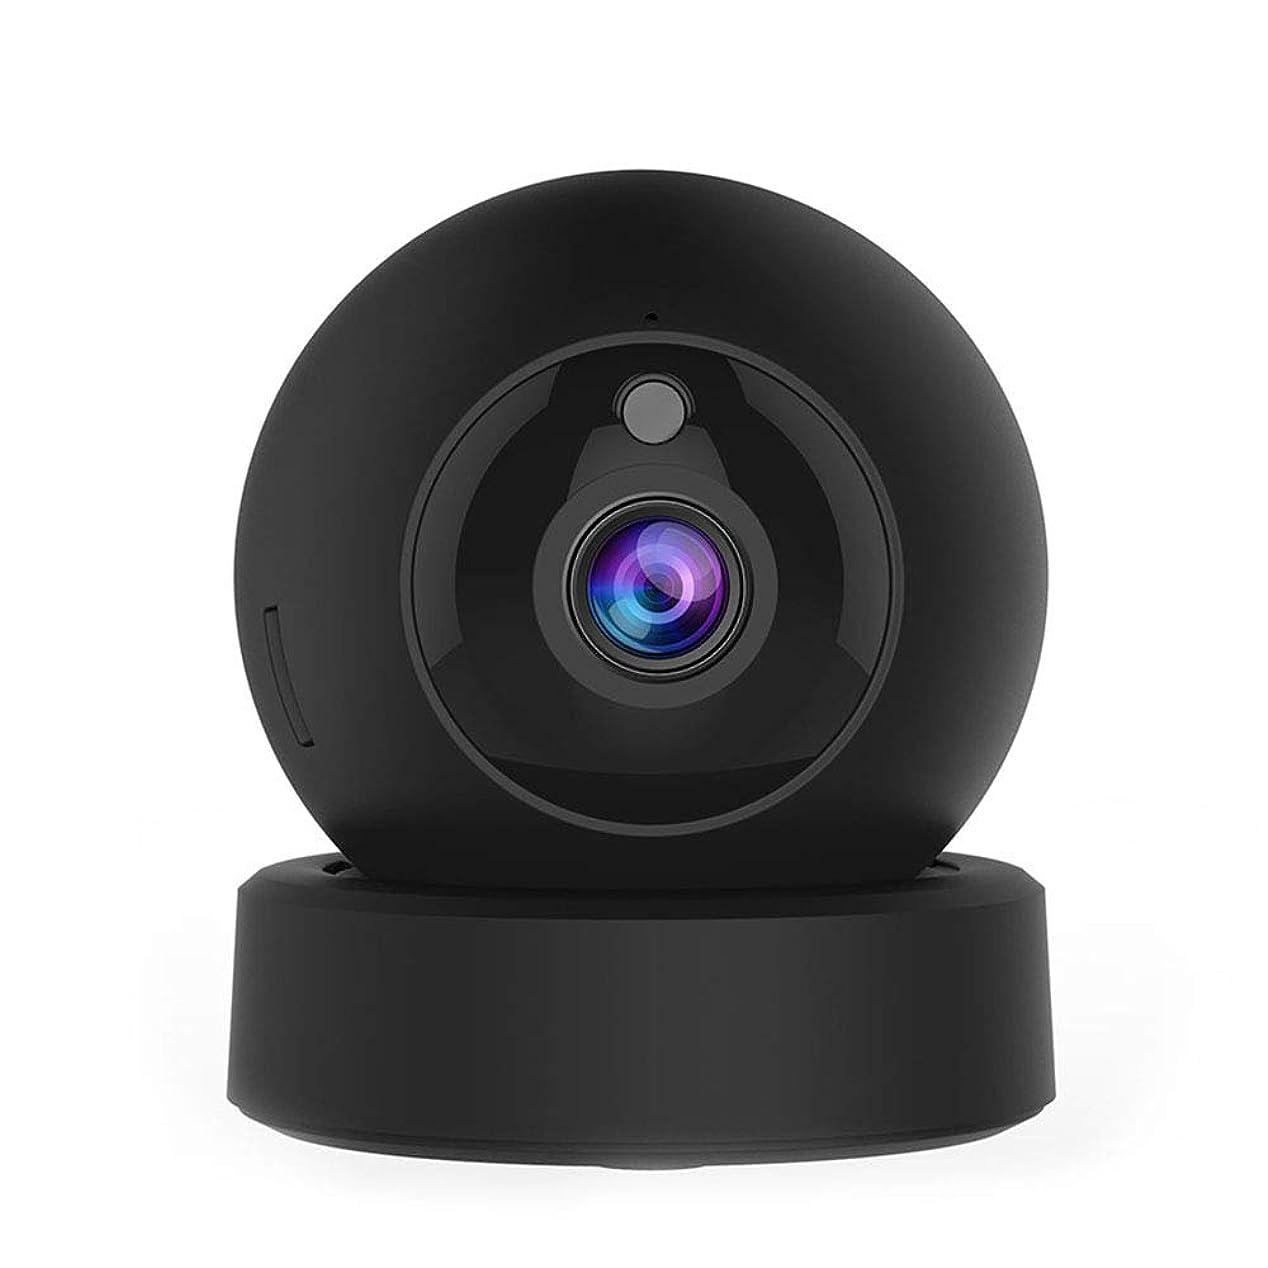 人に関する限りその間トラブル铁锋区志诚机电商店 1080P HDの保安用カメラの無線網のカメラの遠隔監視カメラ